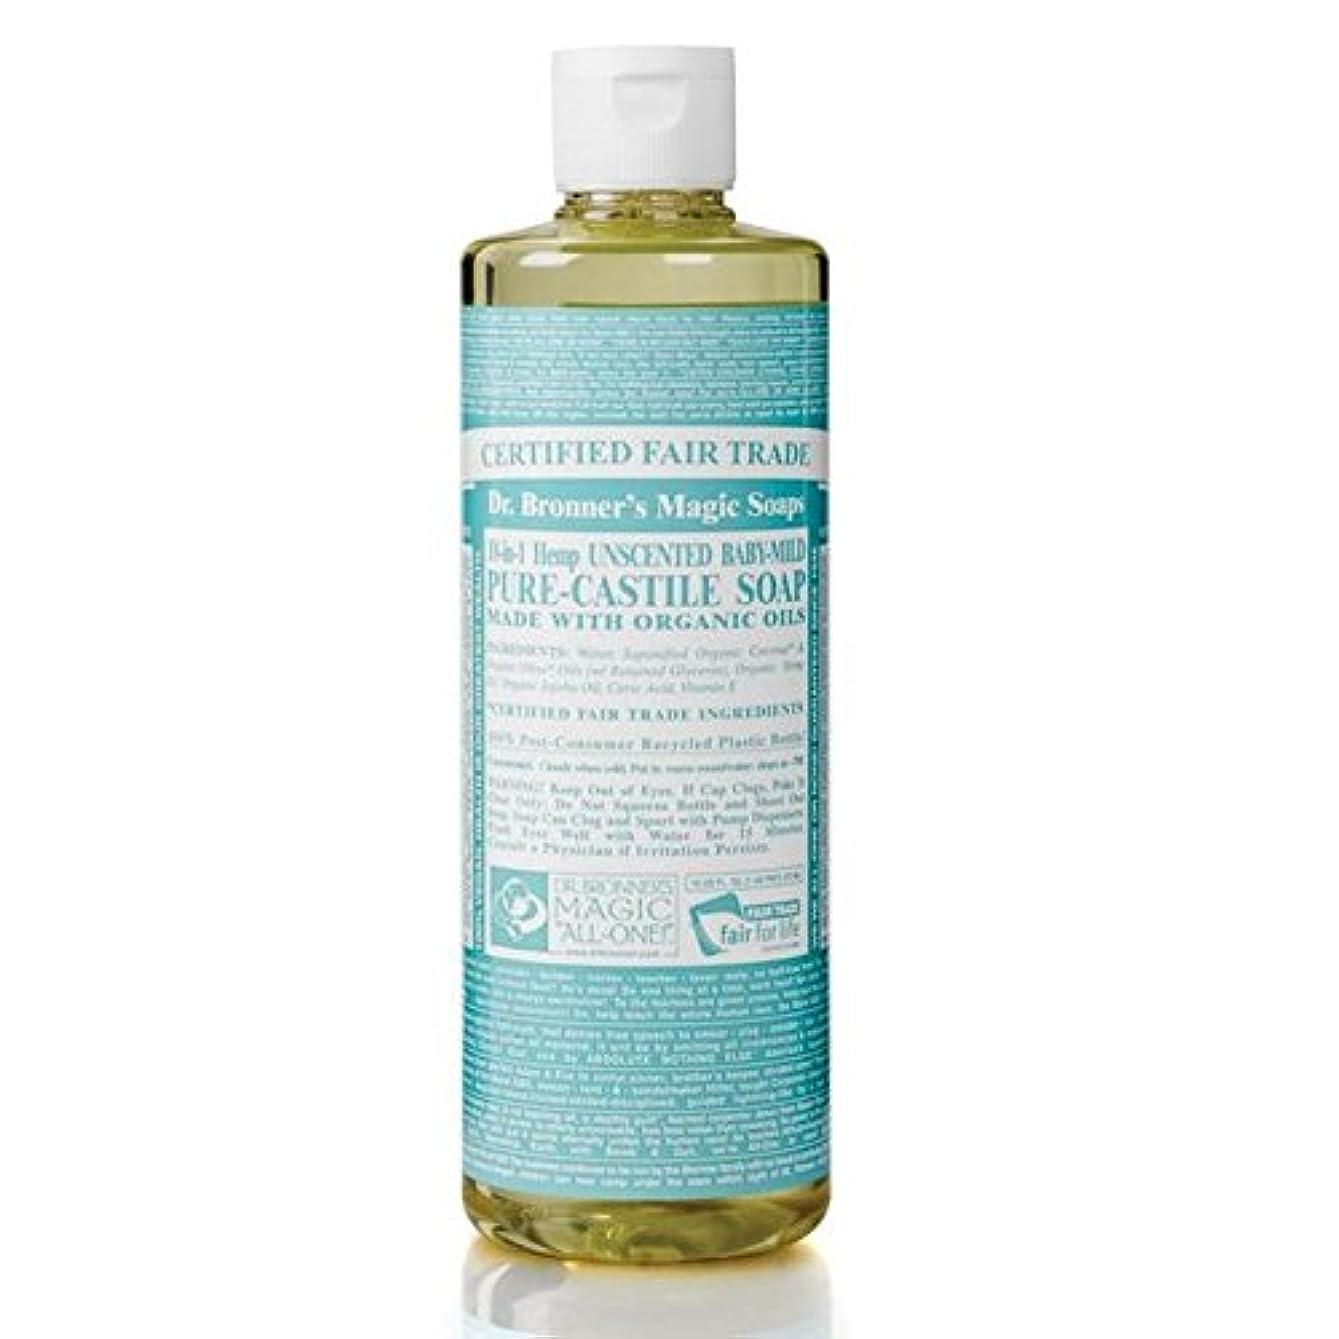 ニンニク有名狂ったのブロナーオーガニックベビーマイルドなカスティーリャ液体石鹸473ミリリットル x4 - Dr Bronner Organic Baby Mild Castile Liquid Soap 473ml (Pack of 4...